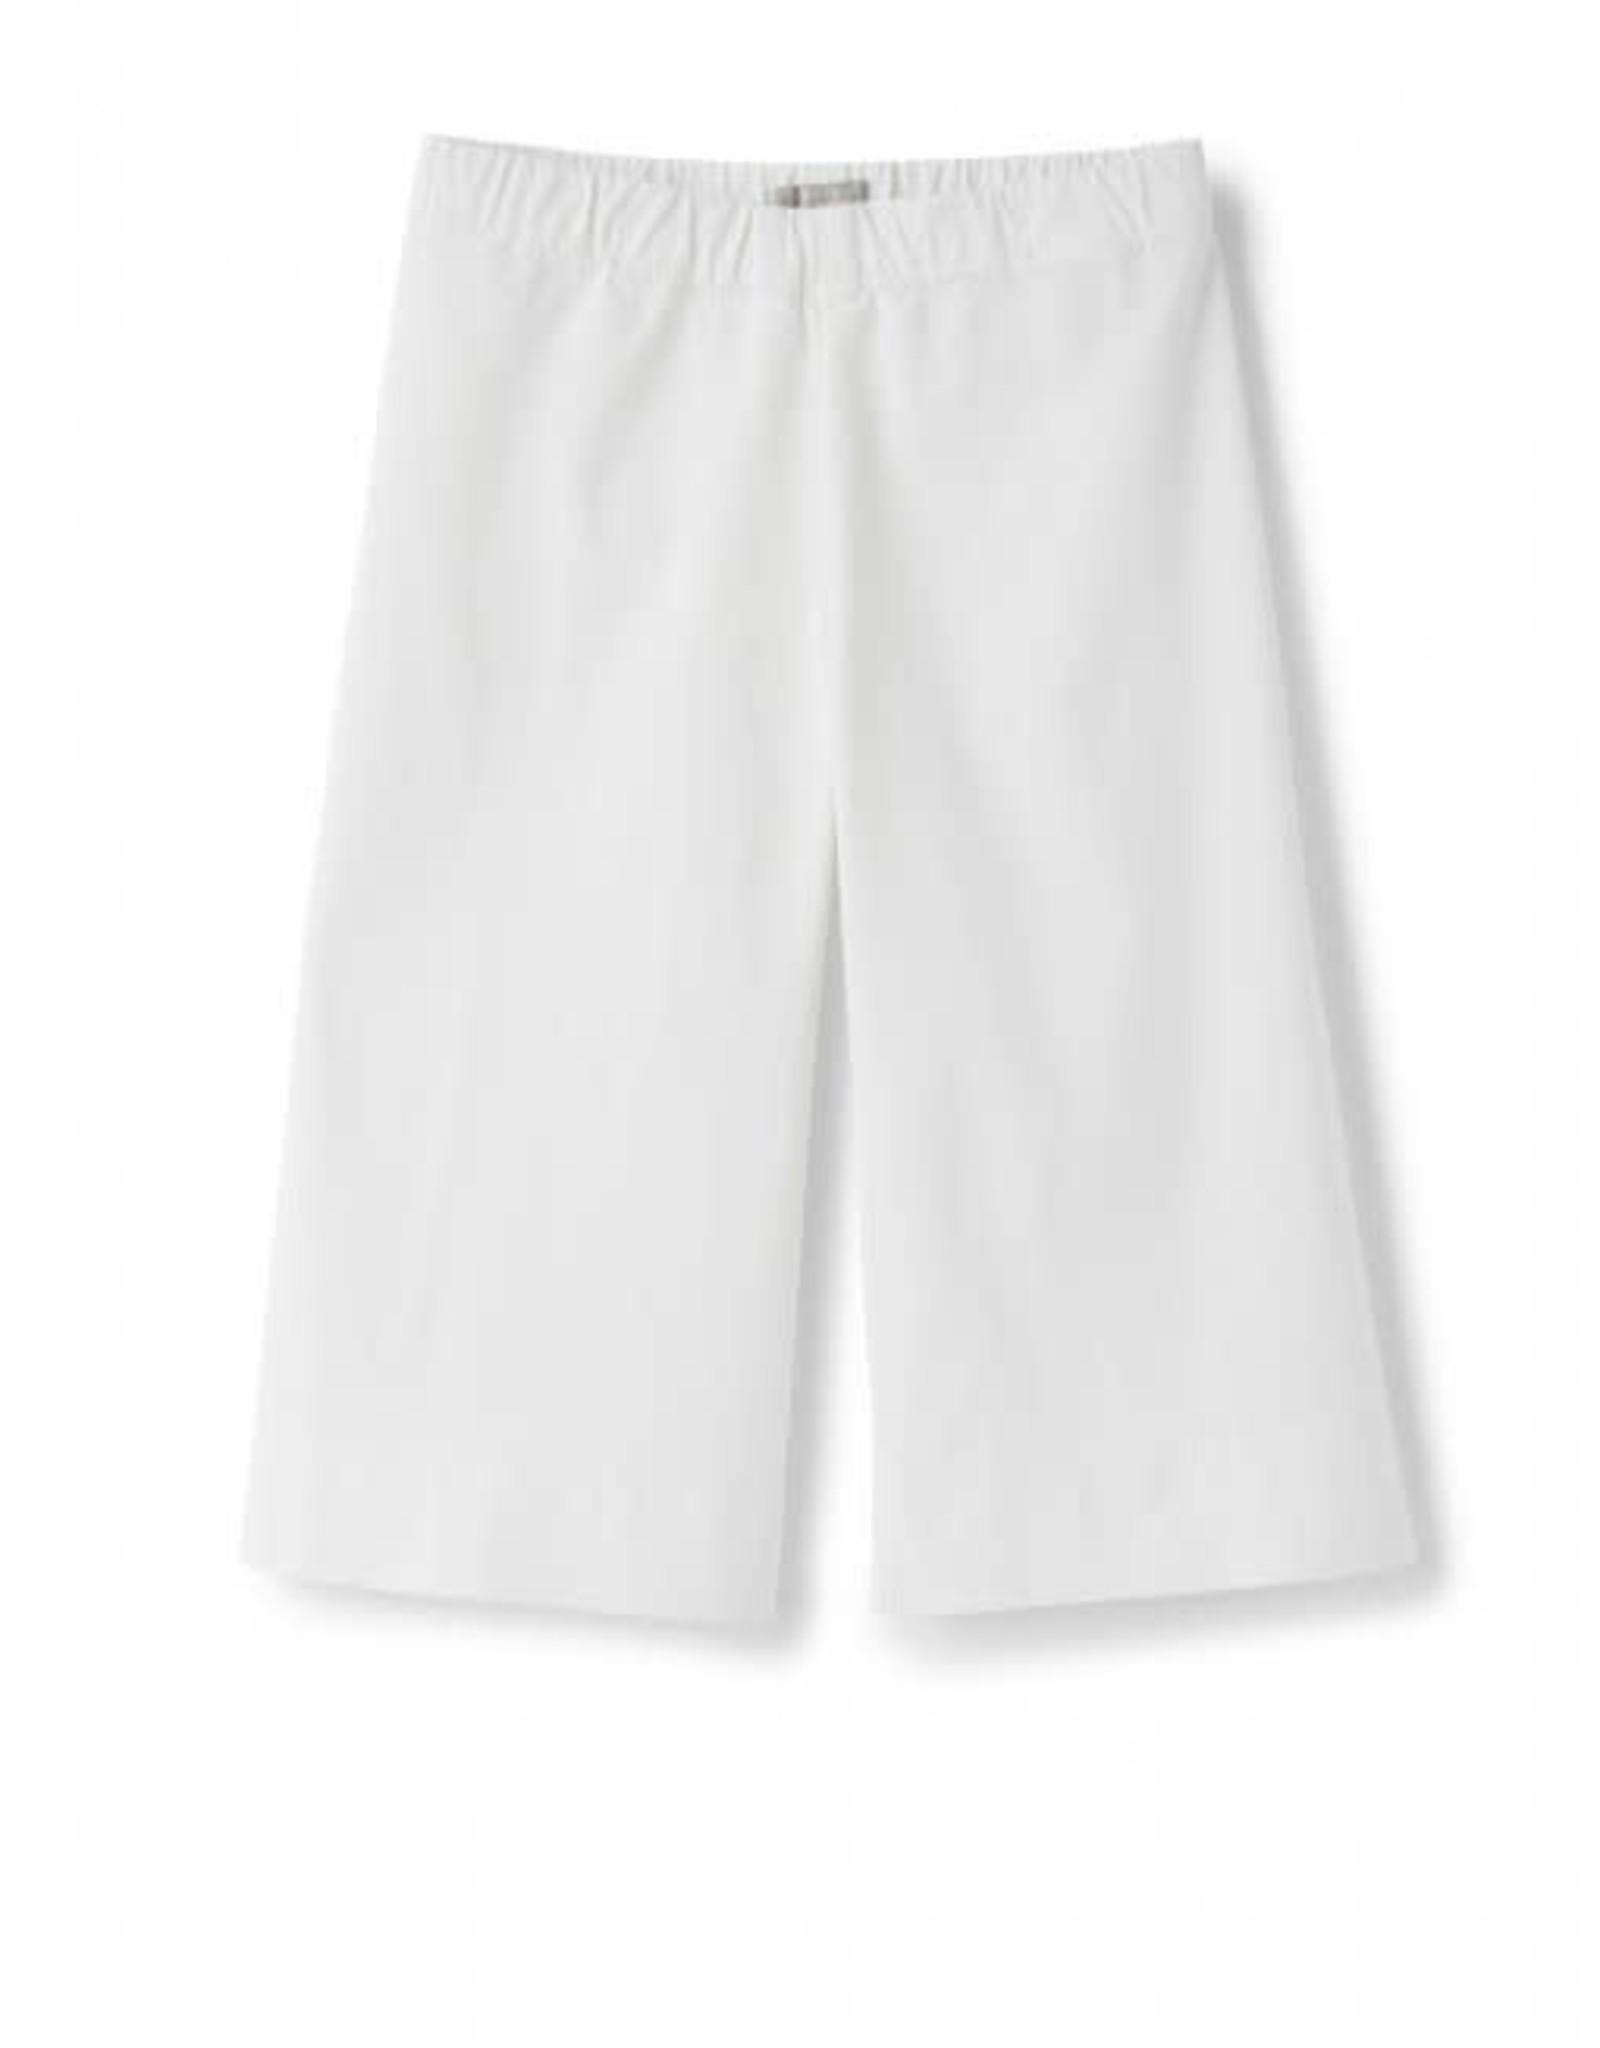 IL GUFO IL GUFO Witte culotte broek